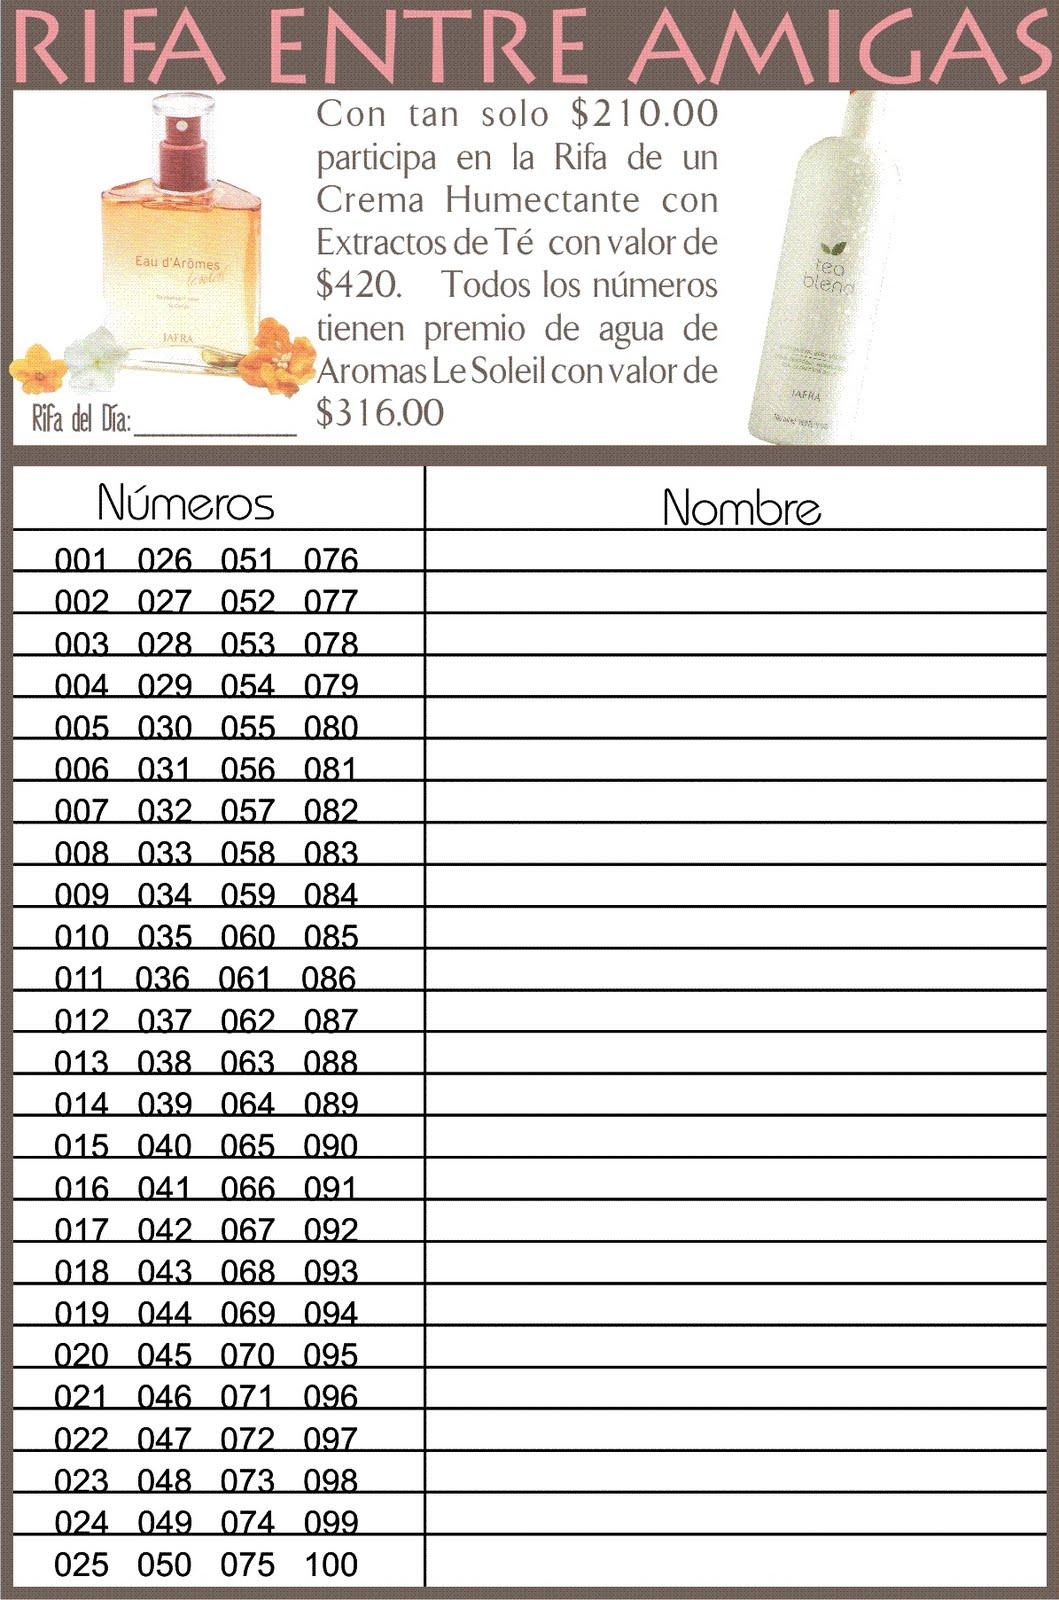 Estrategias Septiembre 2011 | Jafra Minatitlán